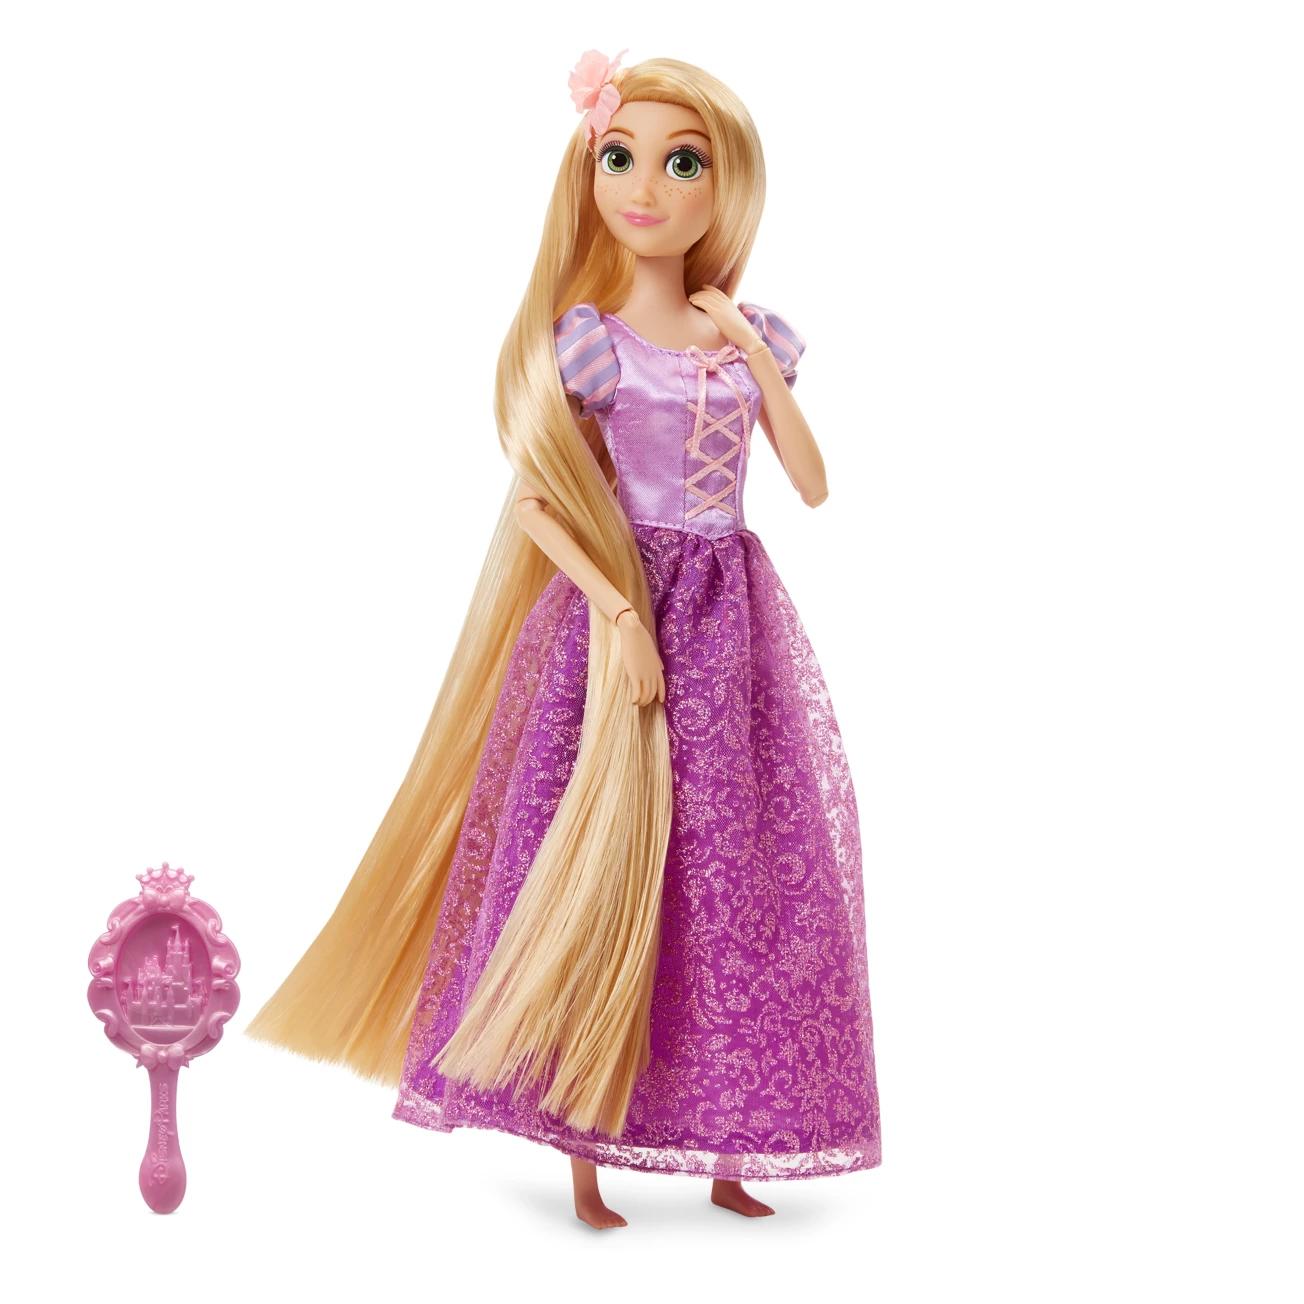 Muñecas Princesas Disney 2021